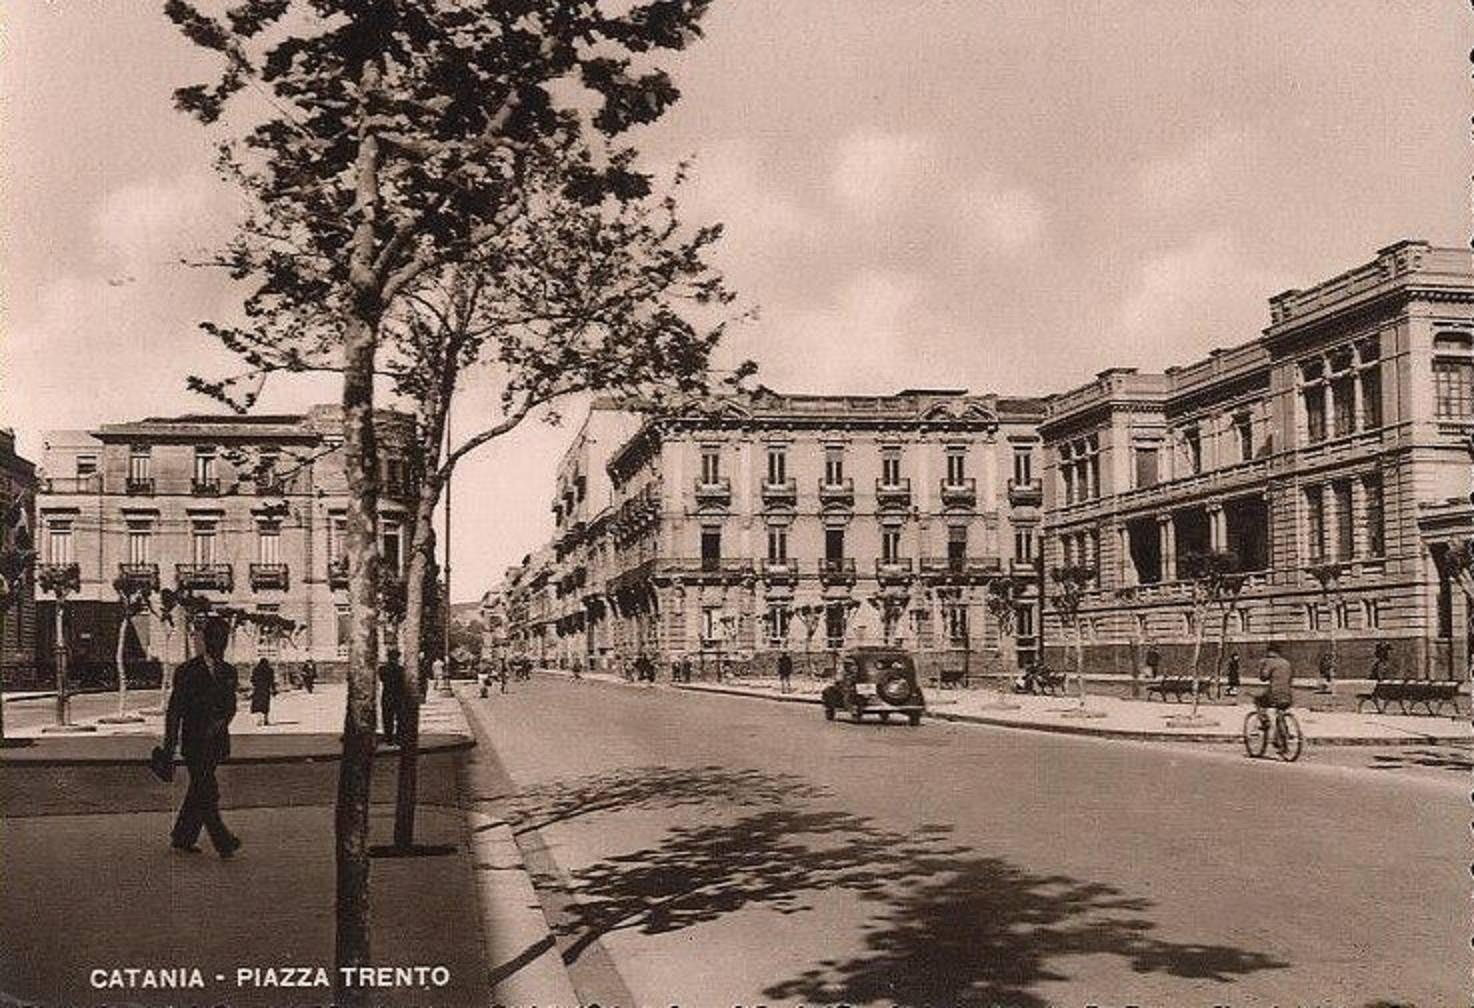 Catania antica: Piazza Trento